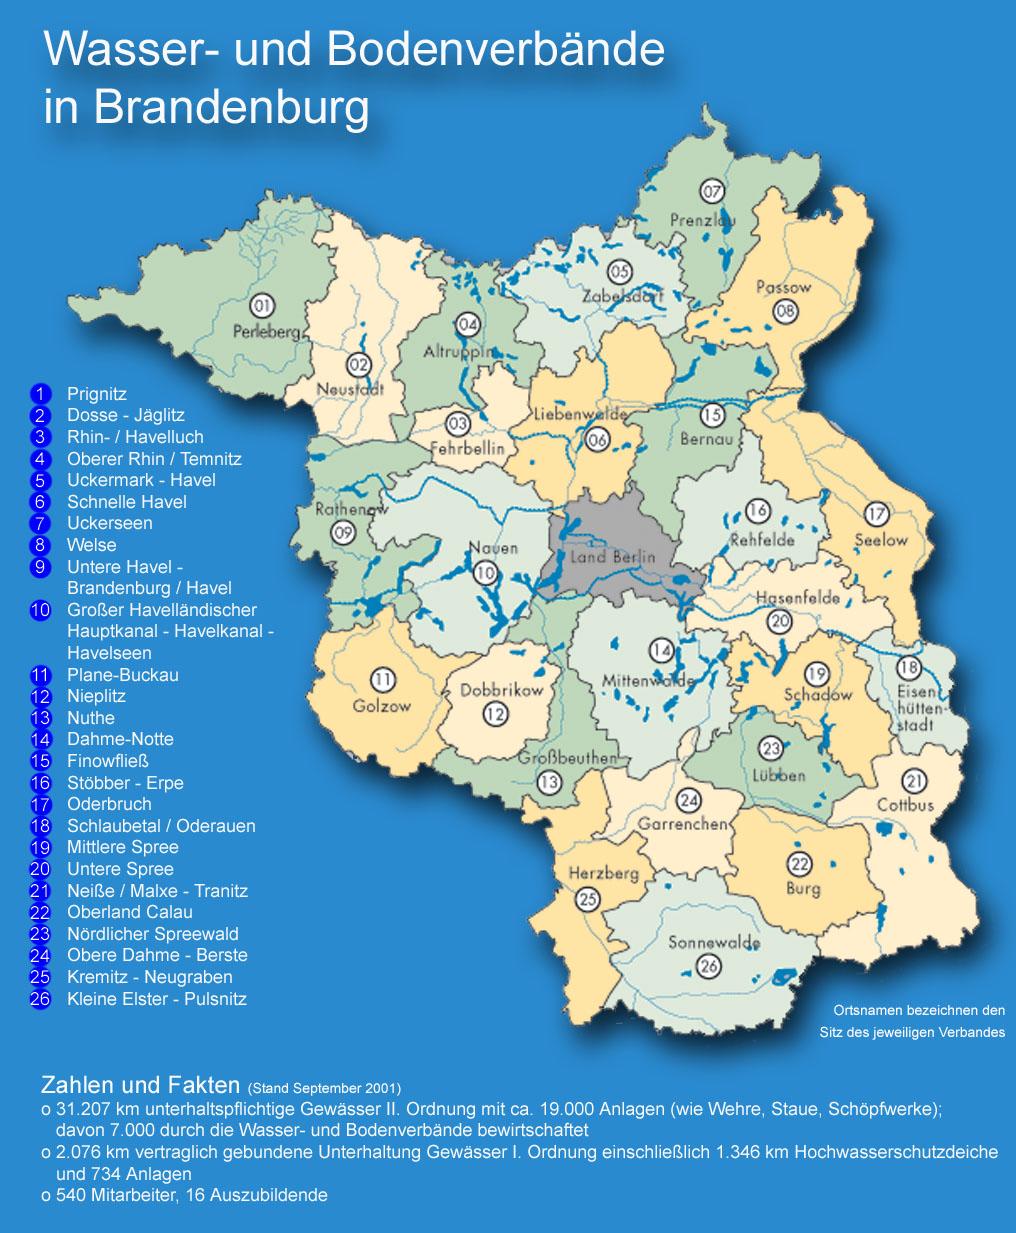 Land Brandenburg Karte.Gewässerverband Kleine Elster Pulsnitz